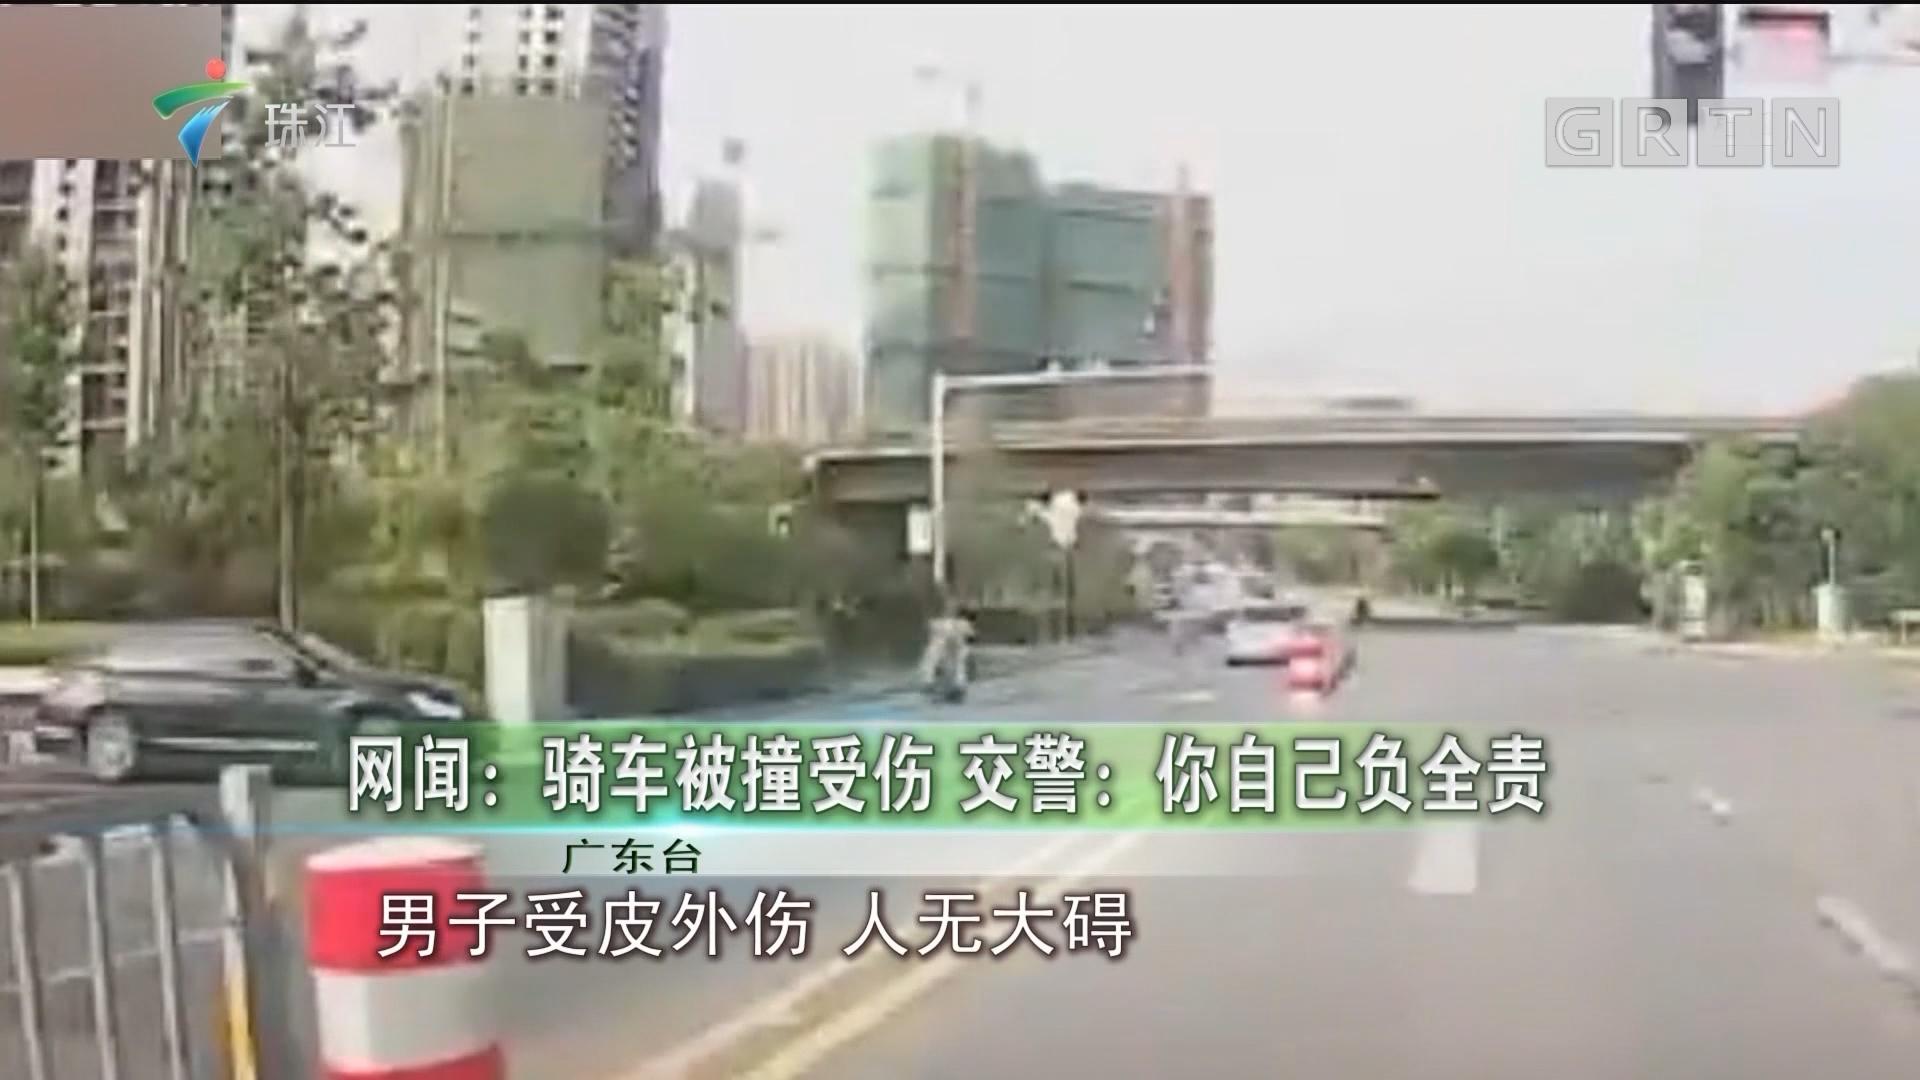 网闻:骑车被撞受伤 交警:你自己负全责